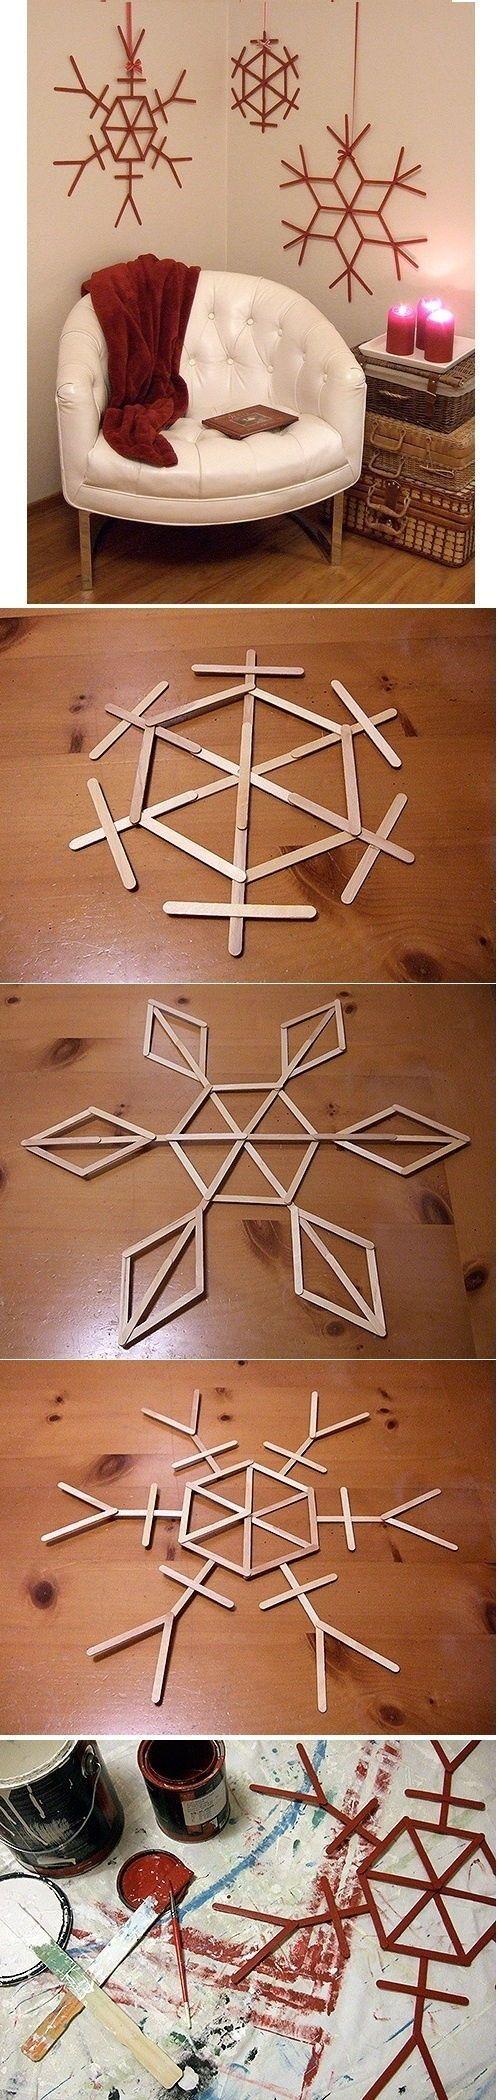 Christmas Craft; DIY Popsicle Stick Snowflakes. Fun craft for Children too.•°•° Kerst; DIY IJsstokjes Sneeuwvlokken Ornamenten. Ook een leuke knutsel voor kinderen!